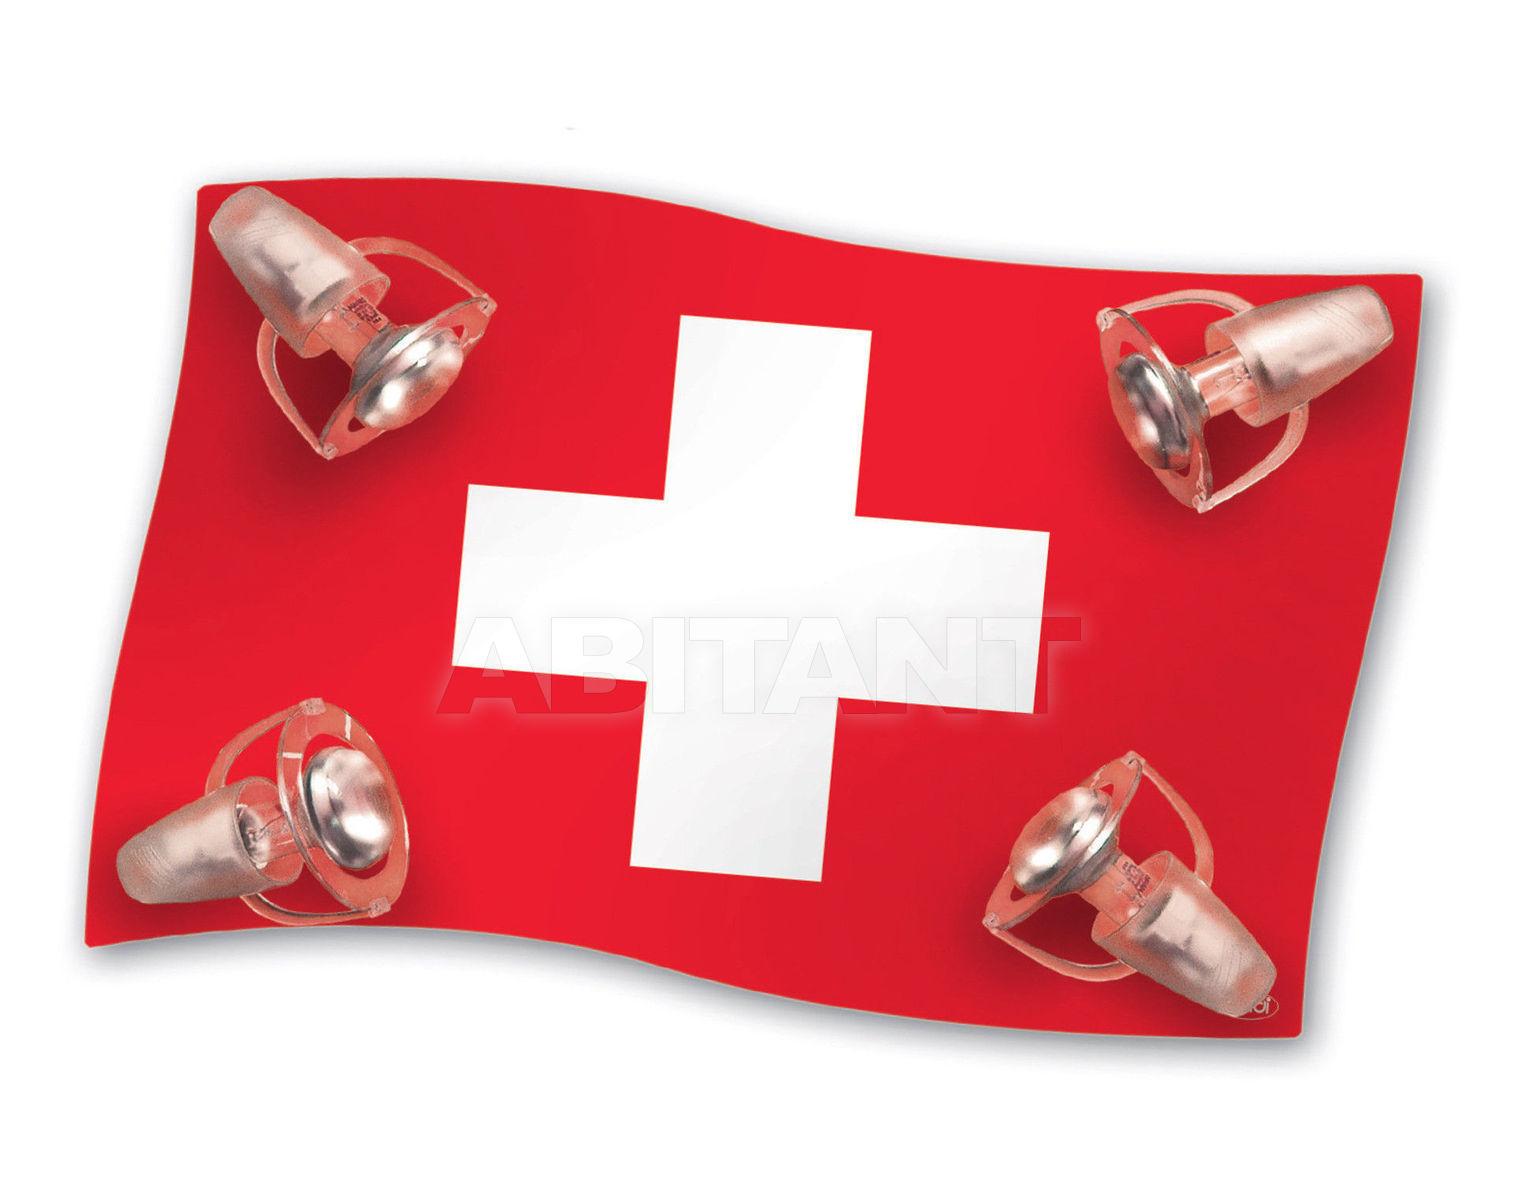 Купить Светильник для детской  Waldi Leuchten Lampen Fur Kinder 2012 65252.0